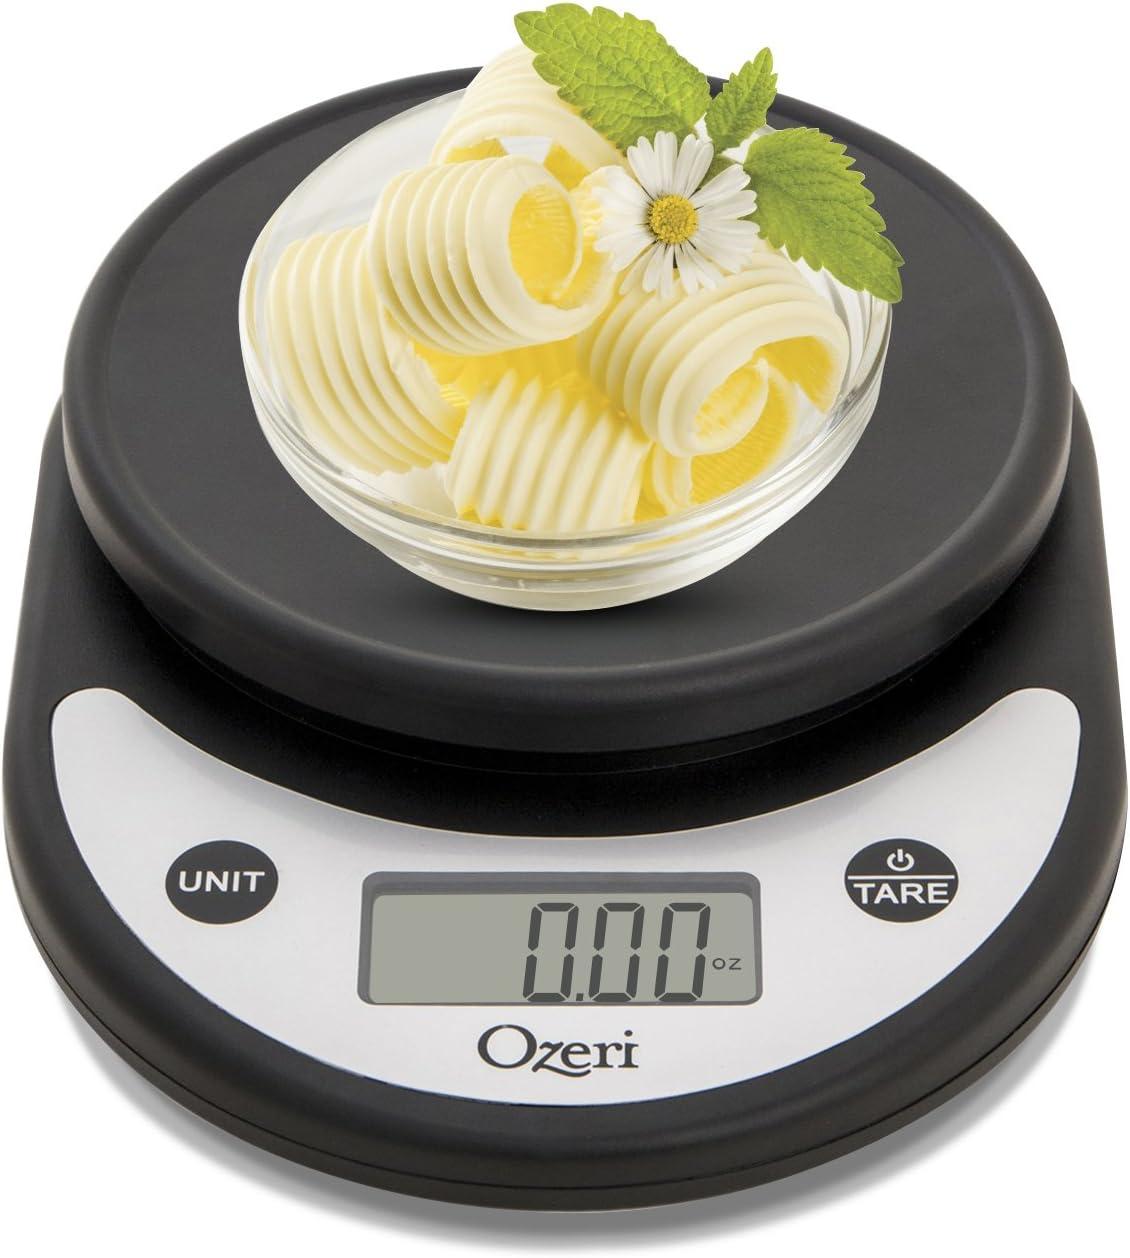 Ozeri Pronto Balance De Cuisine Numerique Multifonction Noir